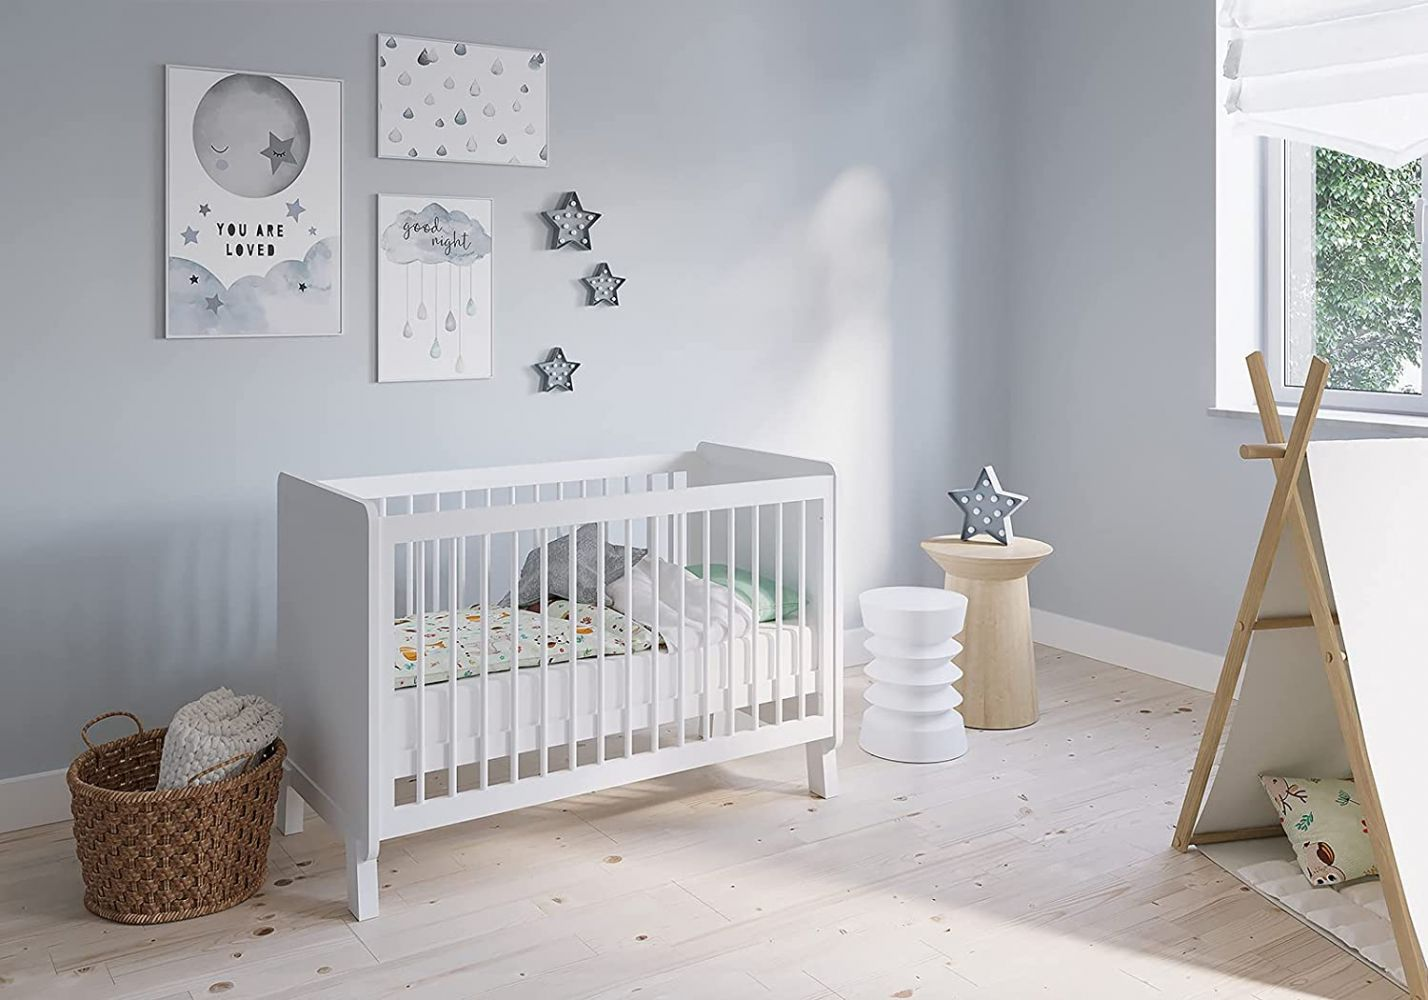 FabiMax 'Nachteule' Kinderbett, 60 x 120 cm, weiß, Kiefer massiv, 3-fach höhenverstellbar, umbaubar Bild 1